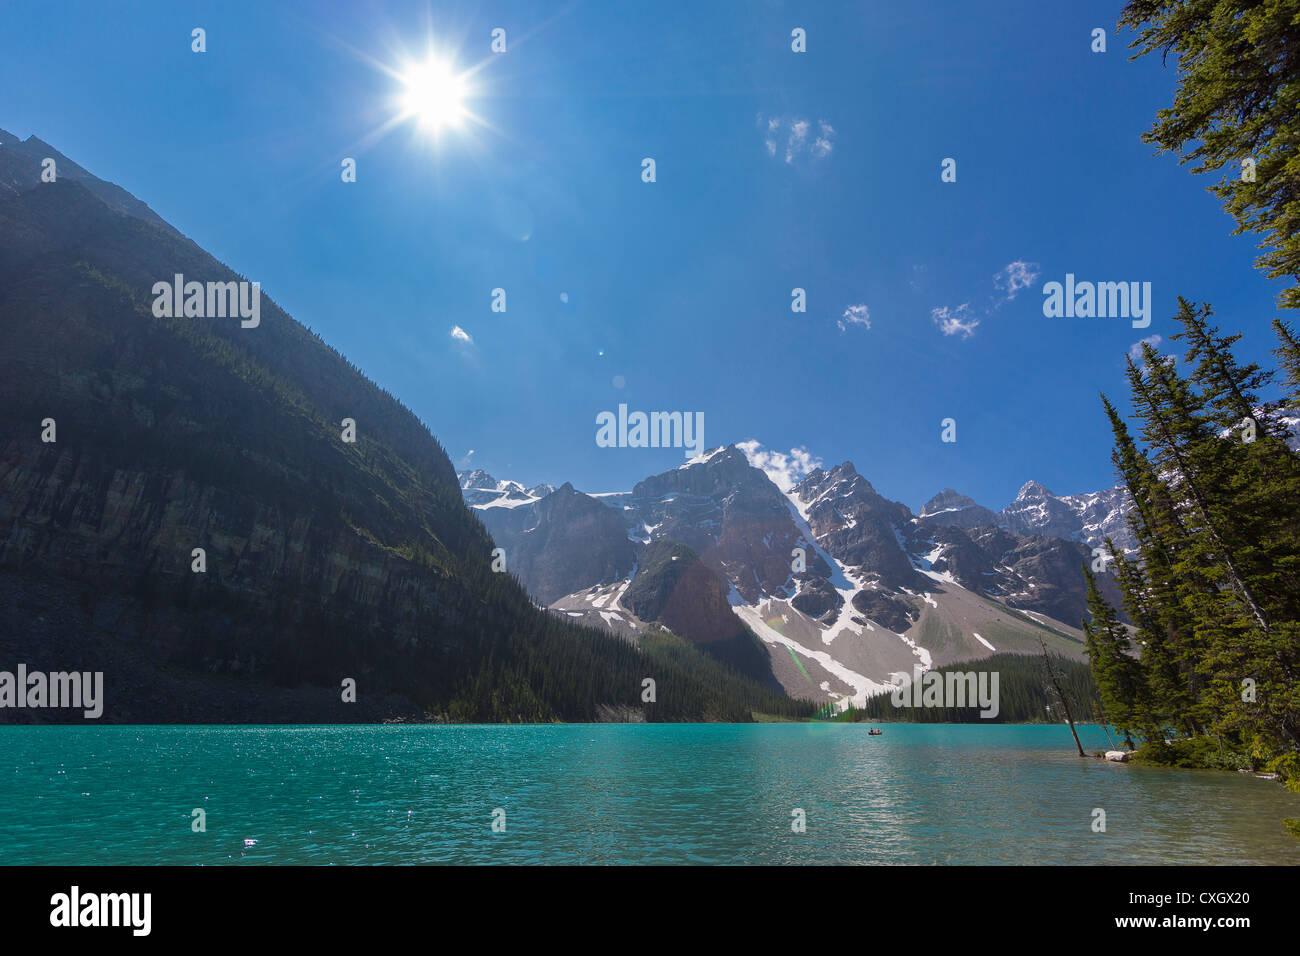 ALBERTA, Canadá - Sun y el Lago Moraine, un lago glacial en el Parque Nacional Banff. Imagen De Stock